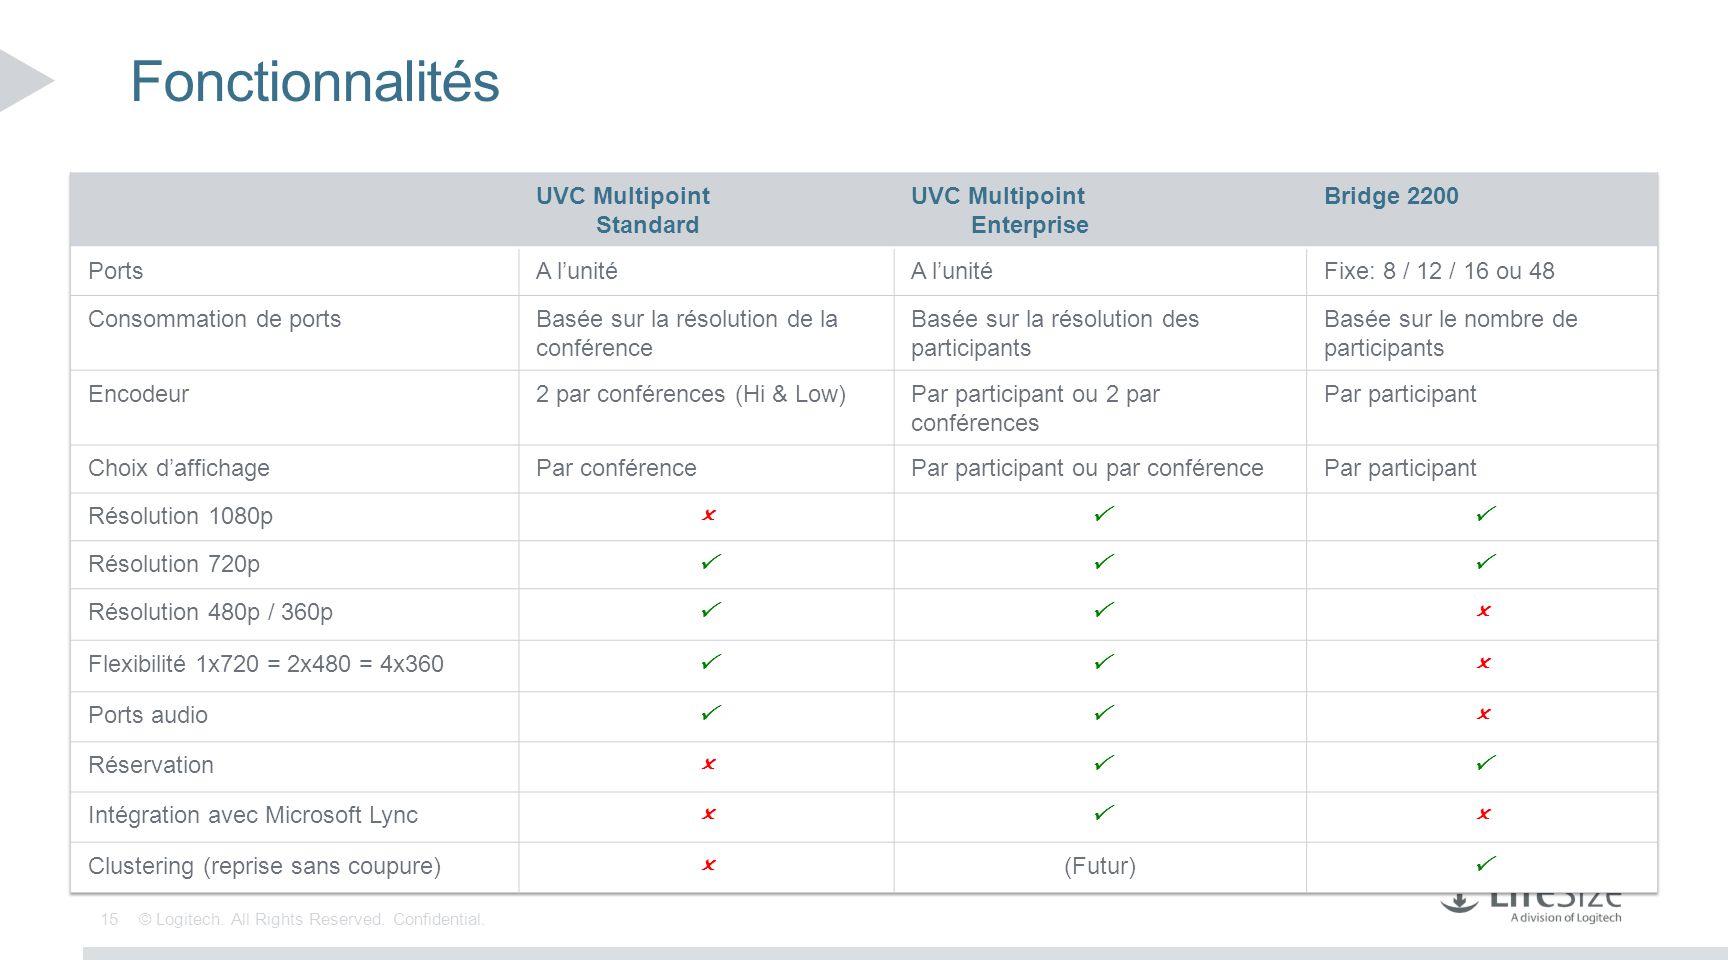 Fonctionnalités UVC Multipoint. Standard. Enterprise. Bridge 2200. Ports. A l'unité. Fixe: 8 / 12 / 16 ou 48.